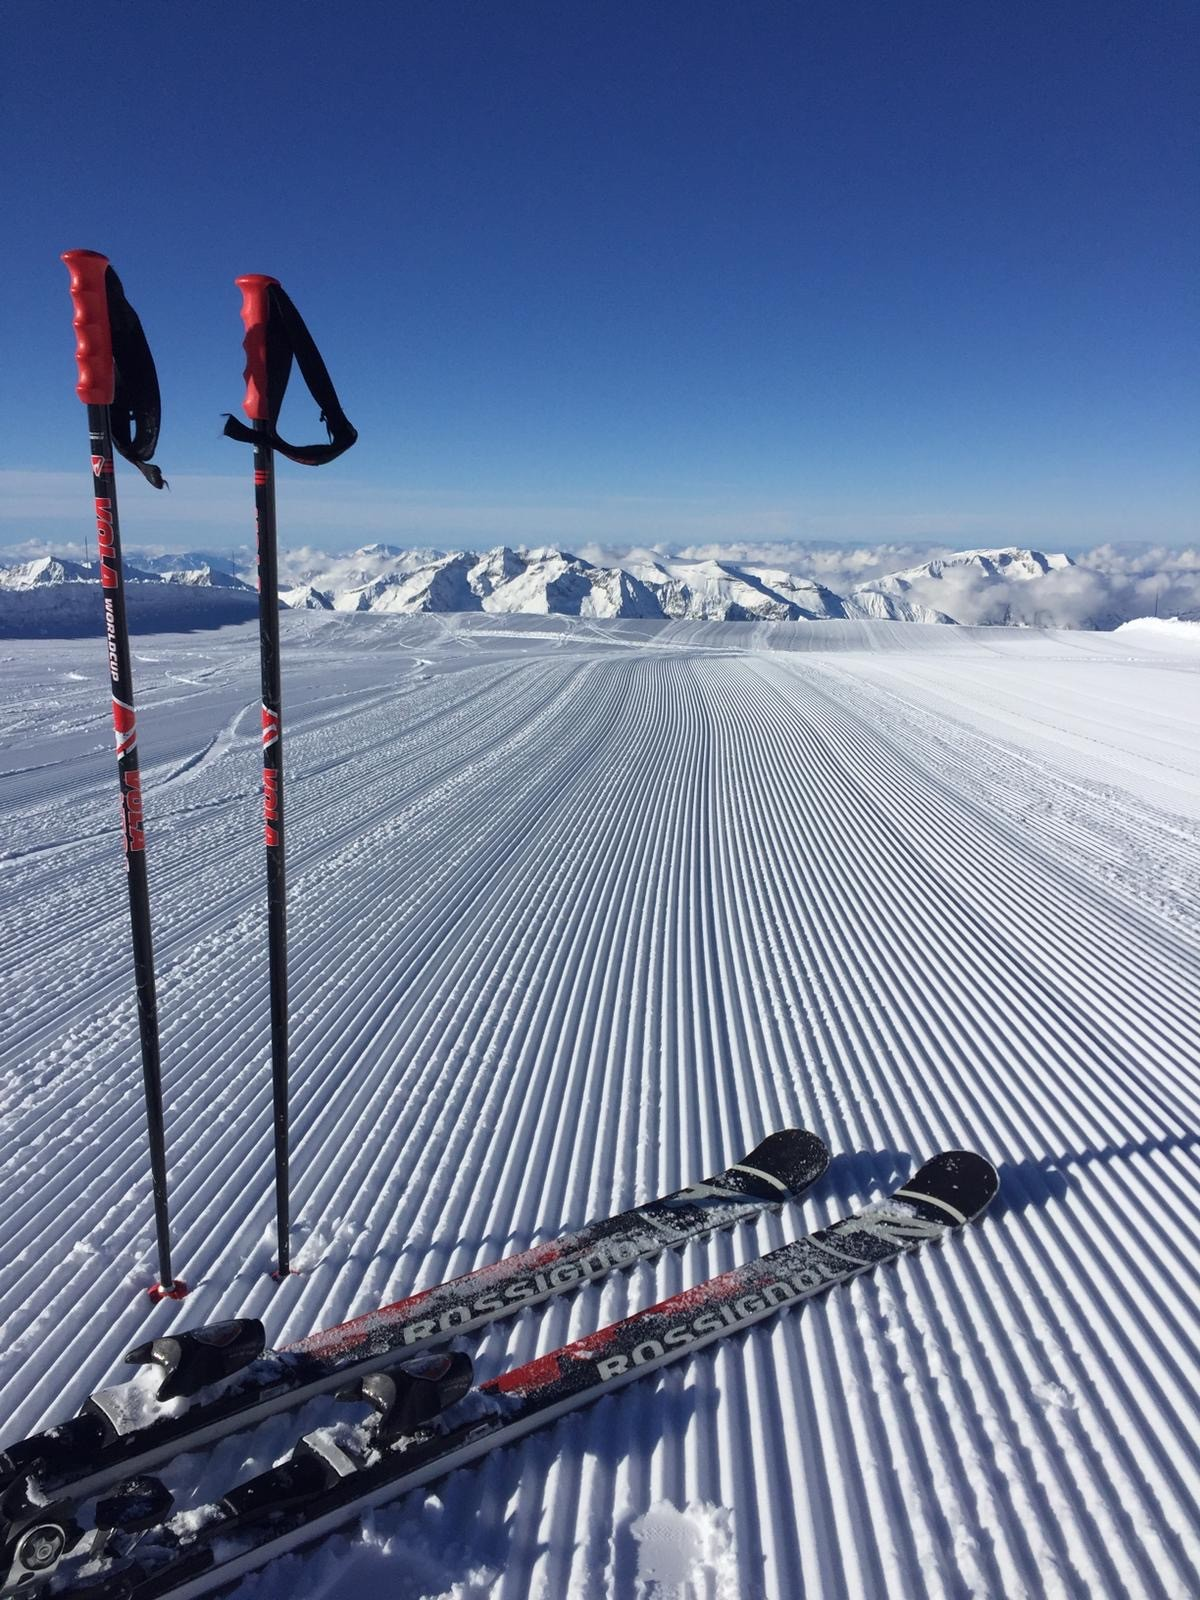 Début de saison aux Deux Alpes - Hiver 2021